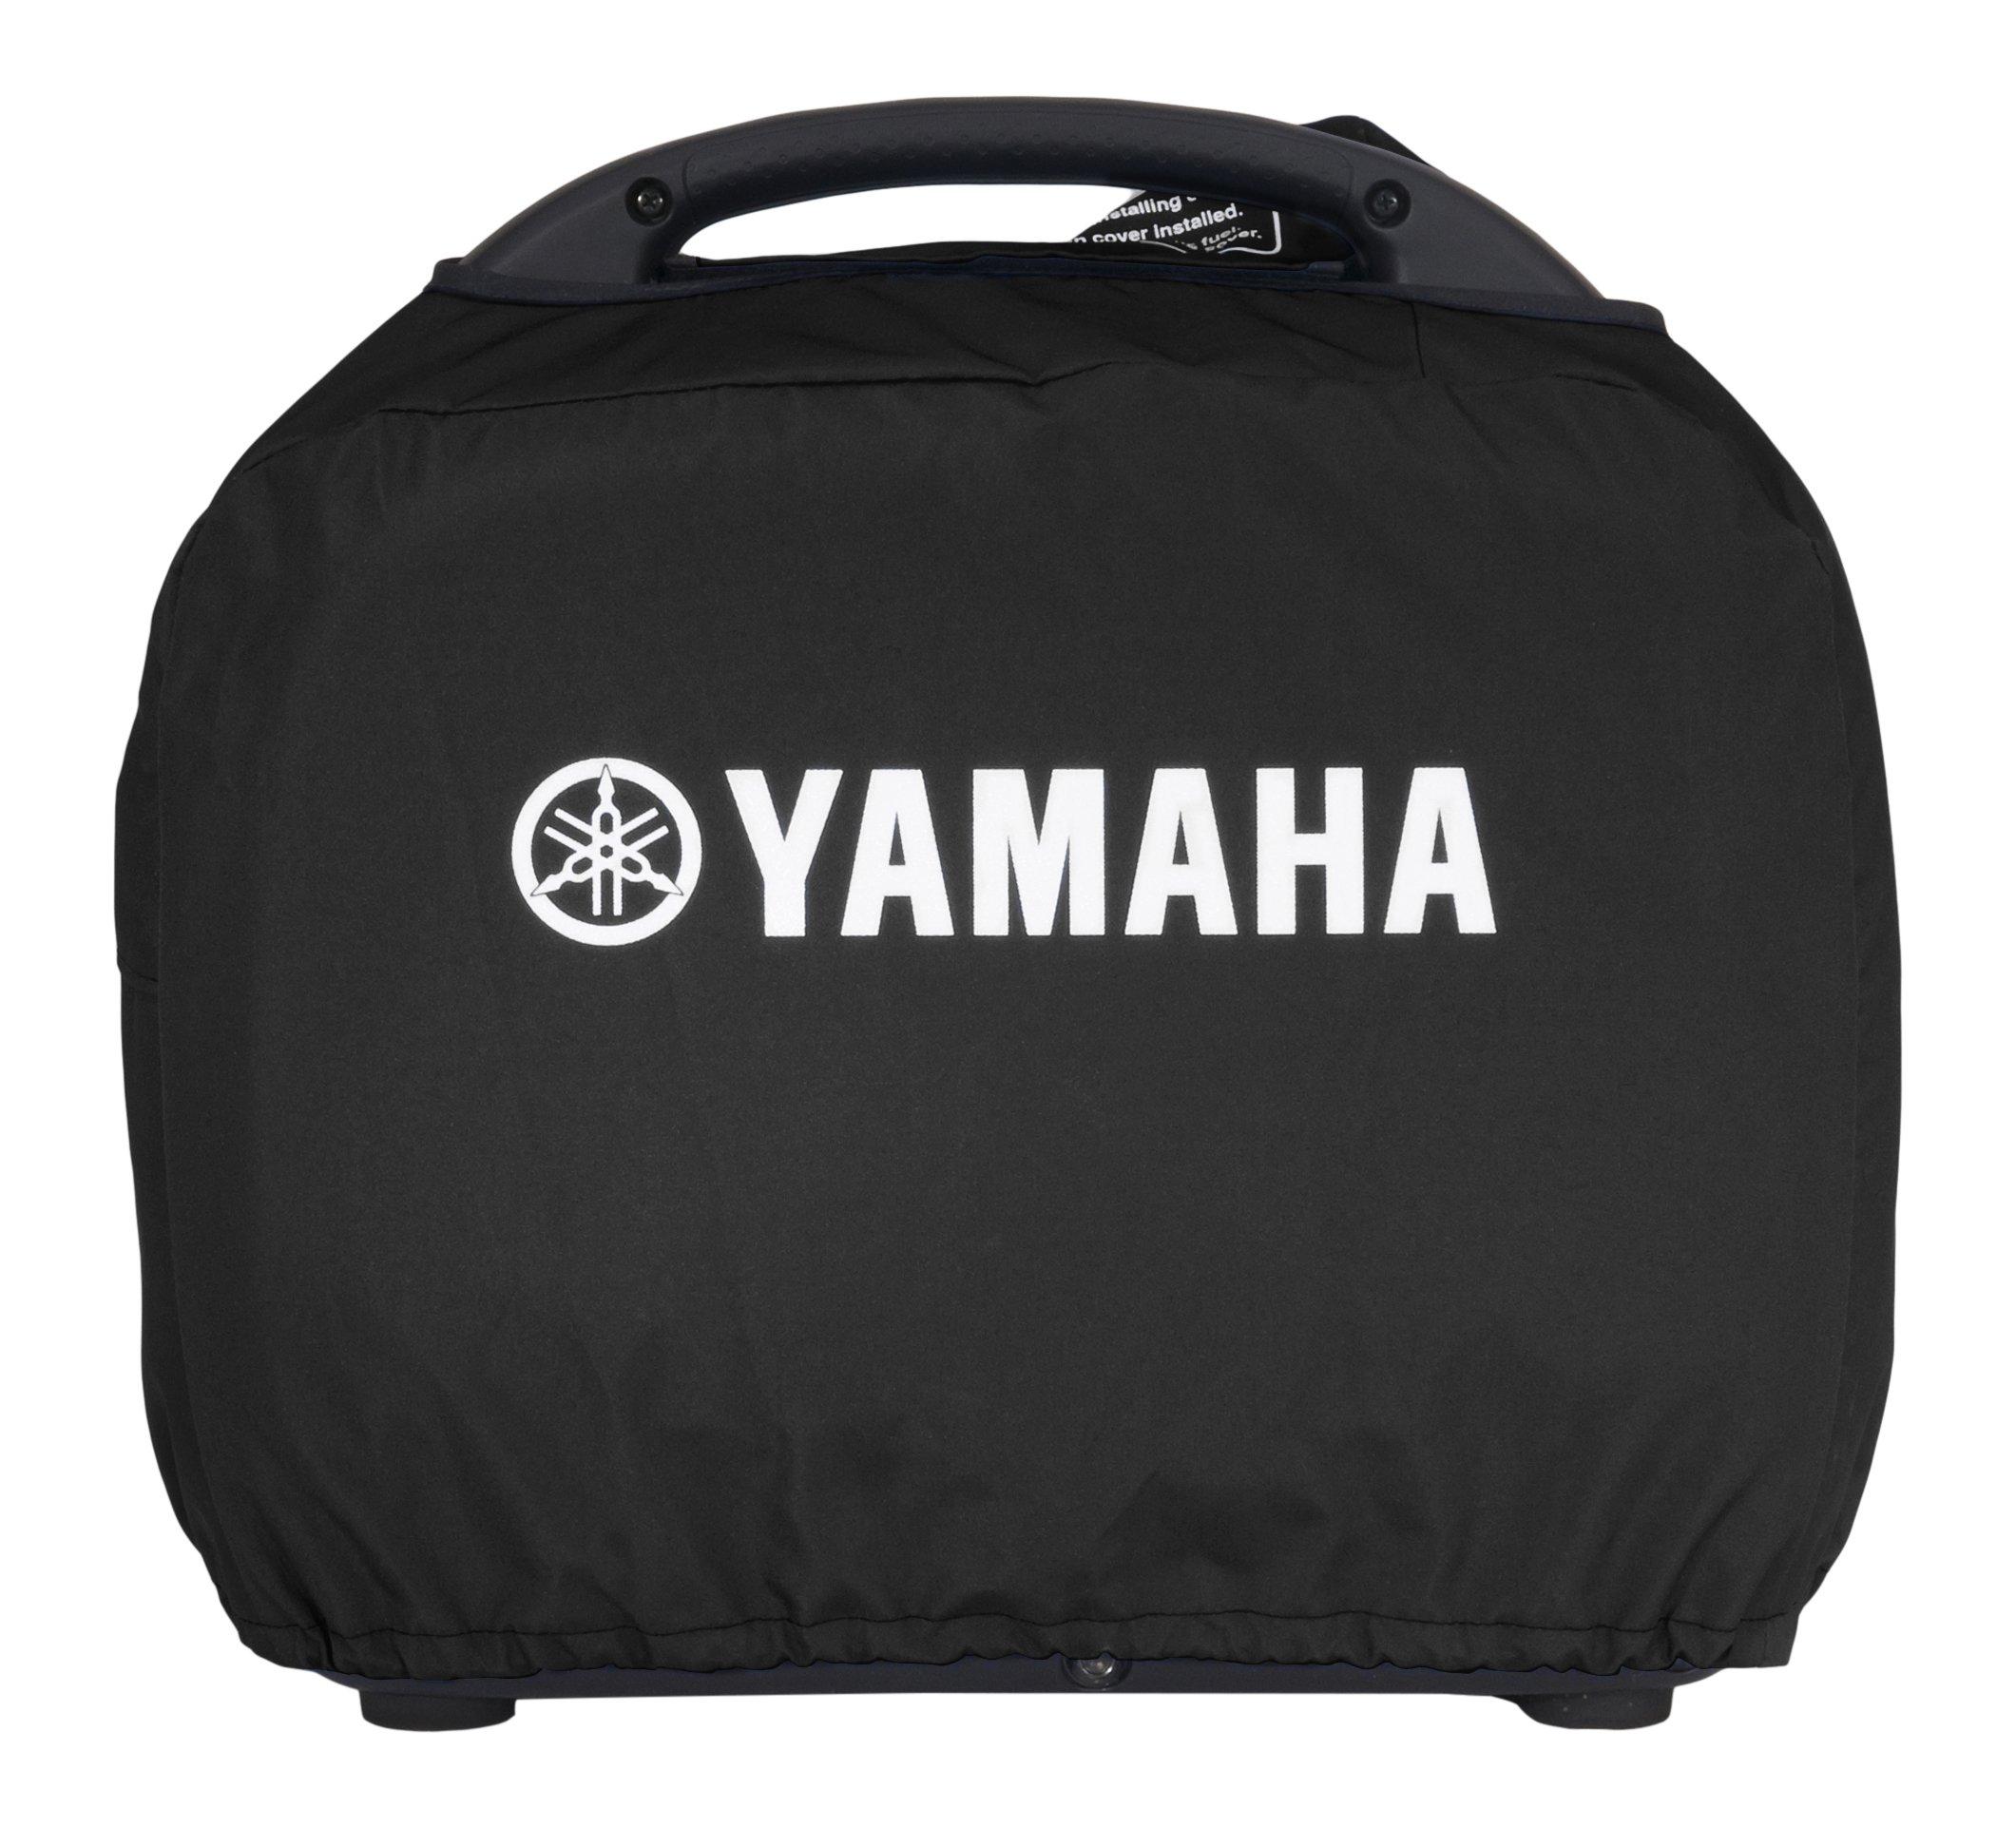 YAMAHA ACC-GNCVR-20-BK Generator Cover for Models EF2000iS, Black by YAMAHA (Image #1)